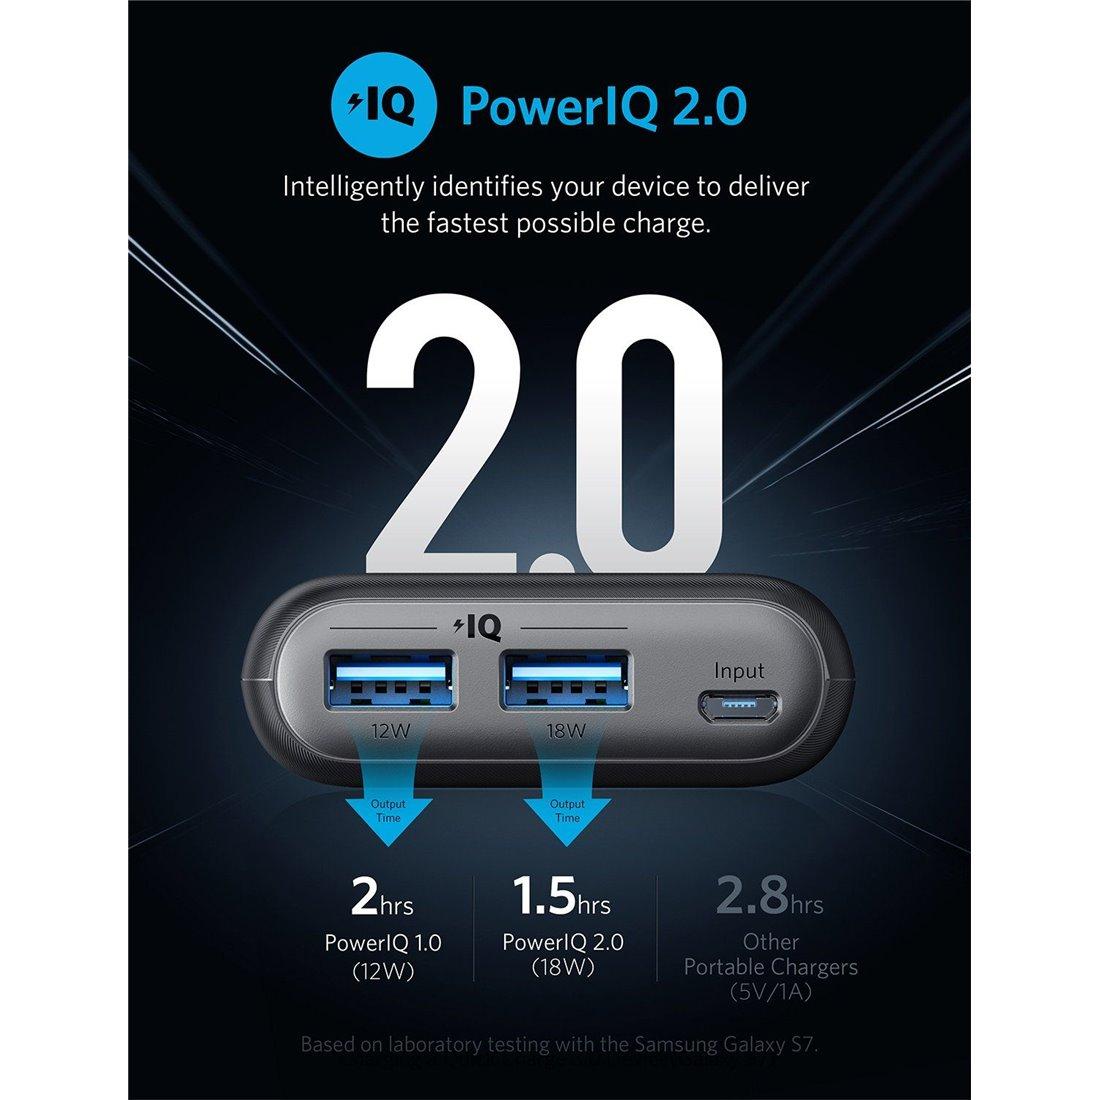 Batterie externe Anker PowerCore II 20000 Batterie portable haute capacité avec 2 ports USB (output max de 18W), la nouvelle